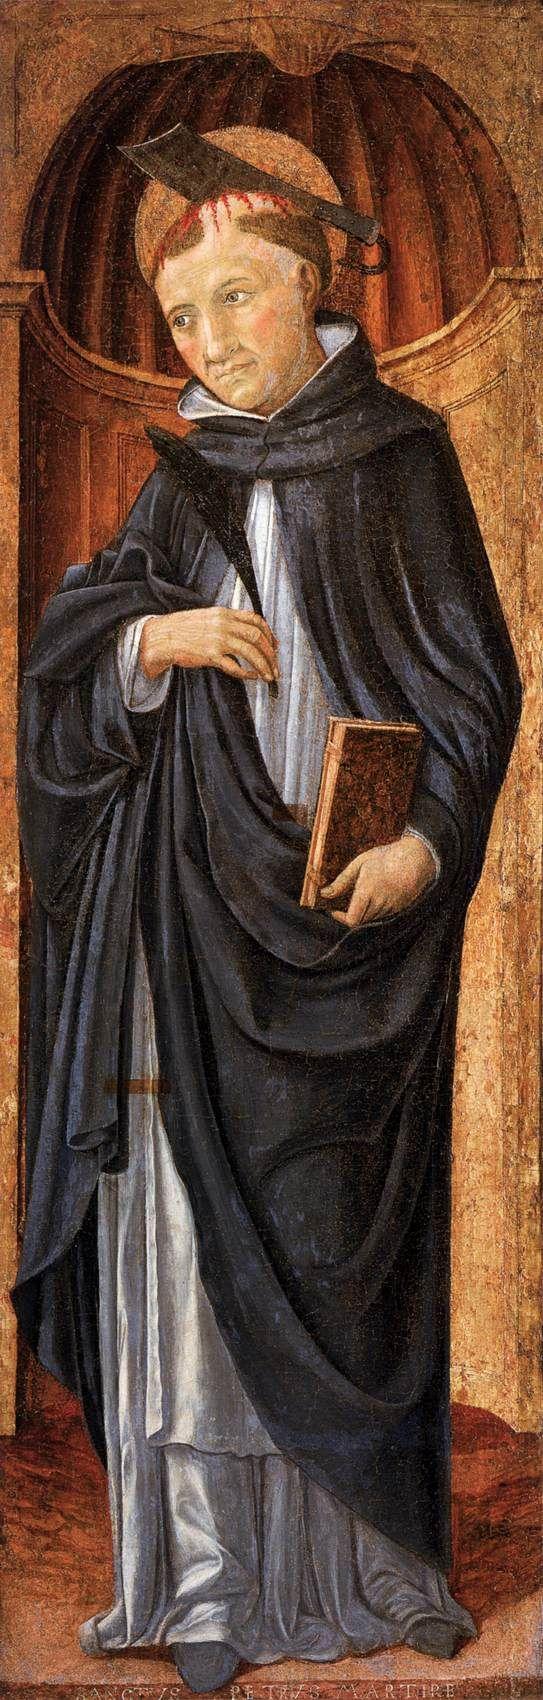 Веккьетта. St Peter the Martyr. 1470s Panel, 195 x 105 cm Collezione Vittorio Cini, Venice.